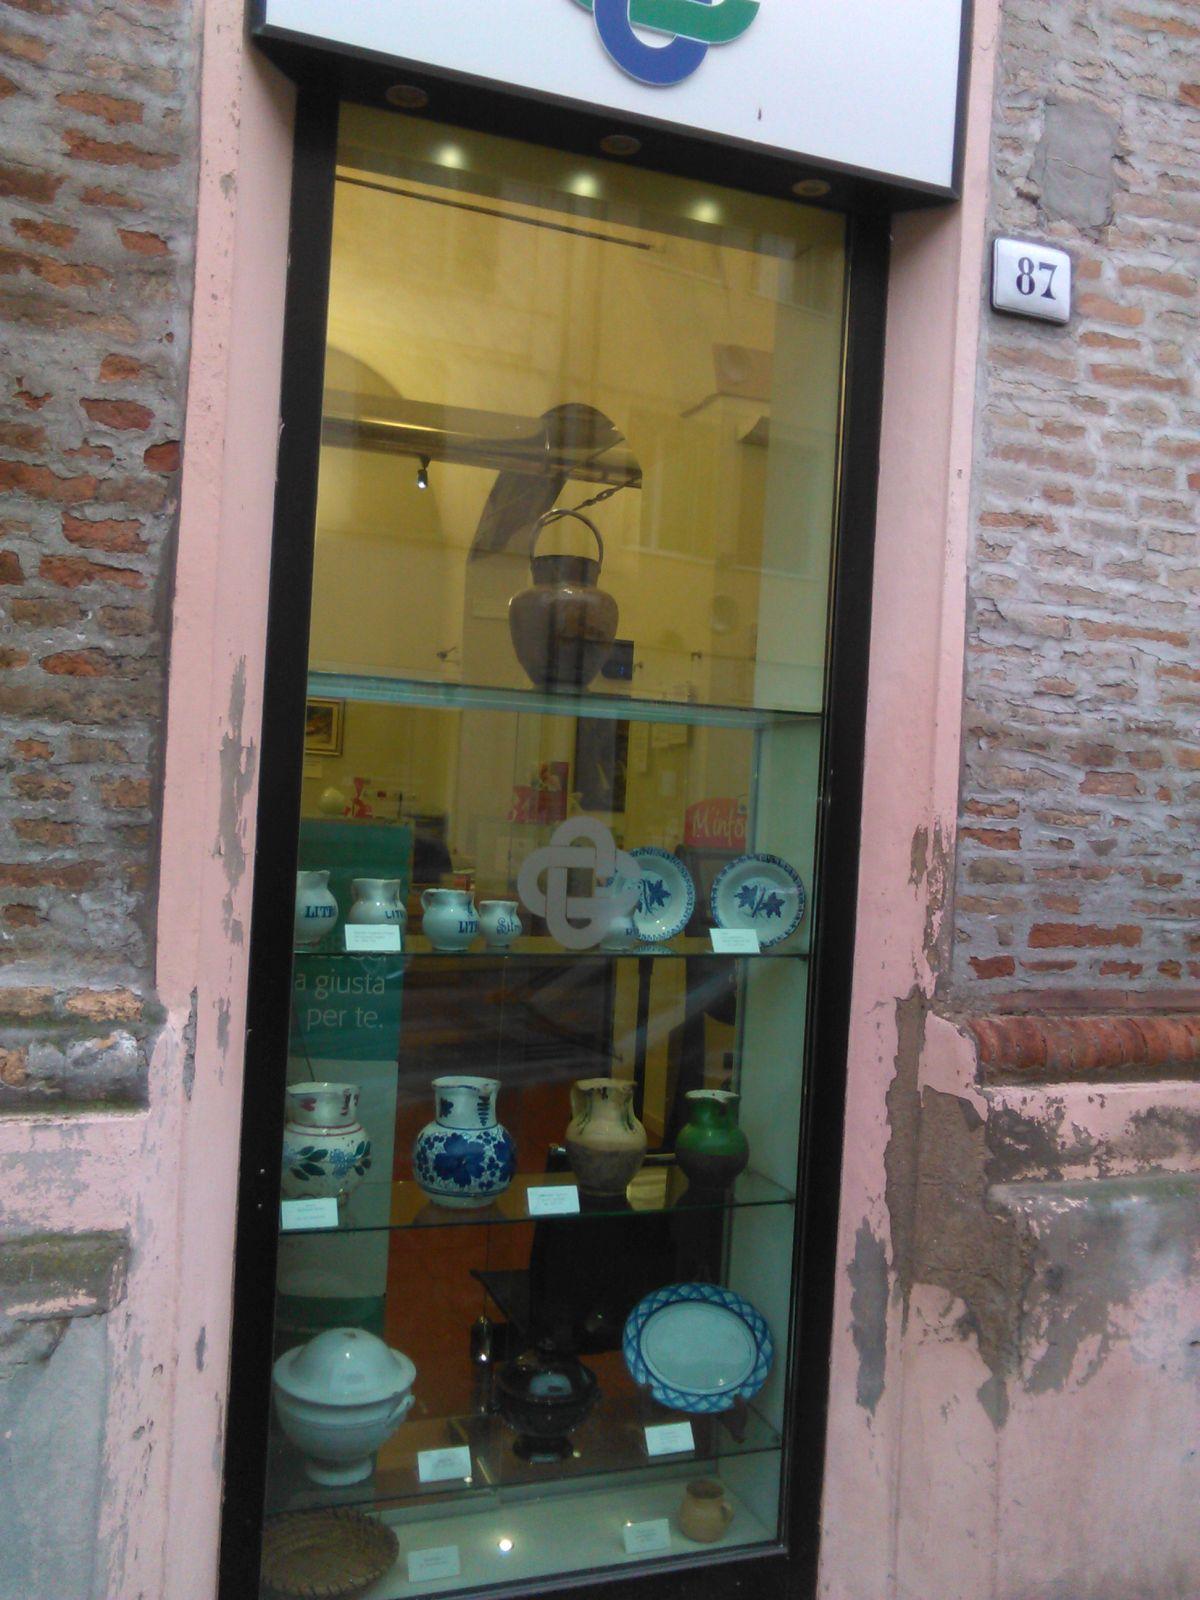 La mostra allestita presso la filiale LA BCC Faenza borgo in Corso Europa